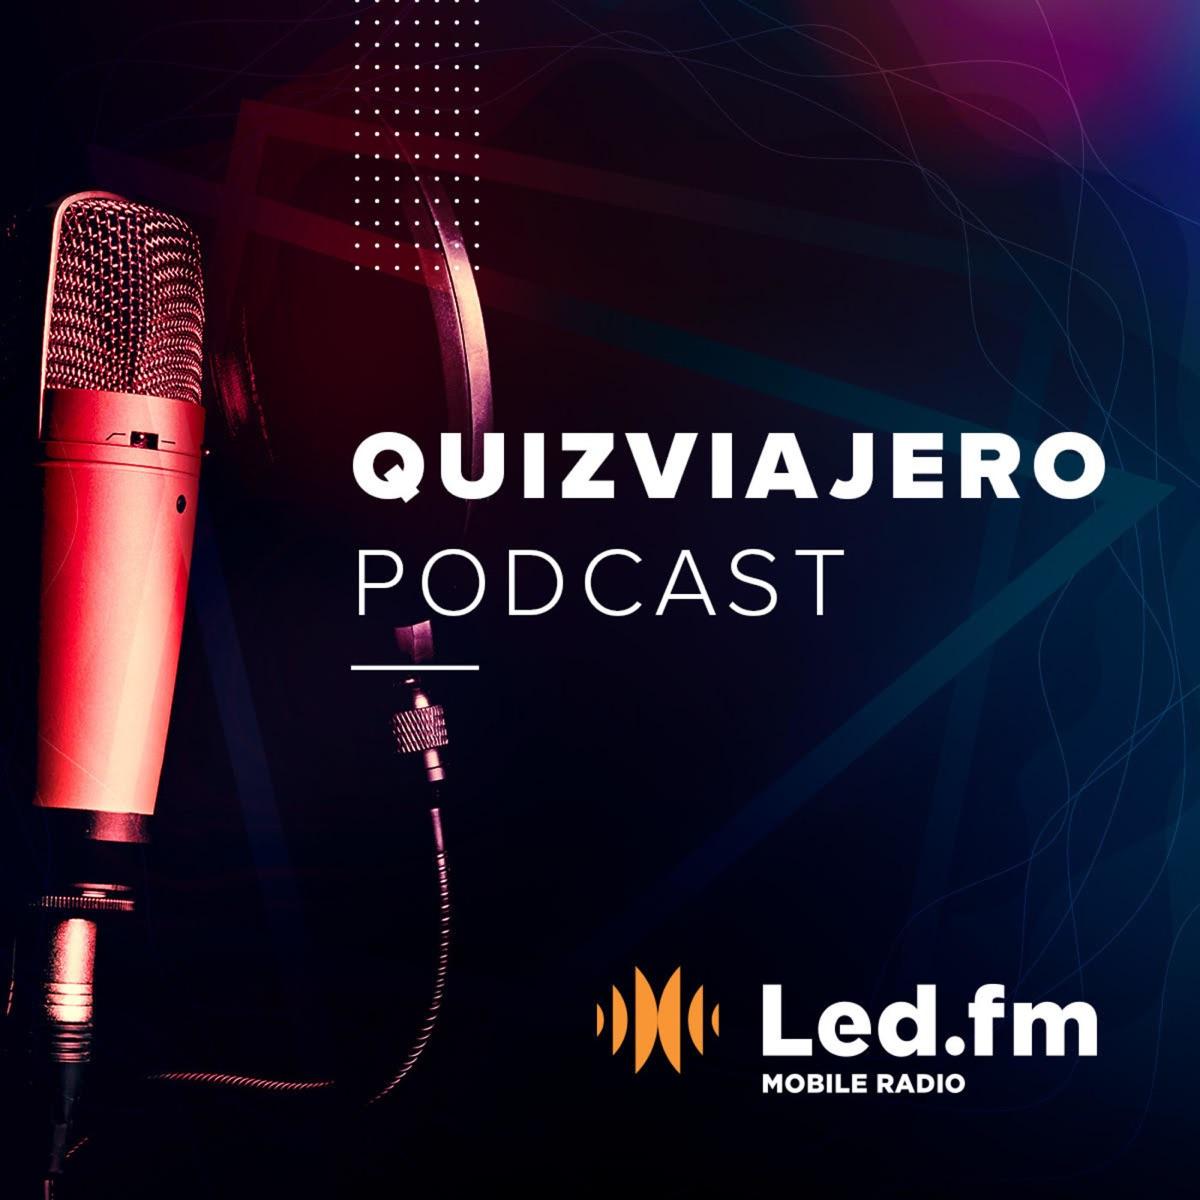 Quiz Viajero Podcast